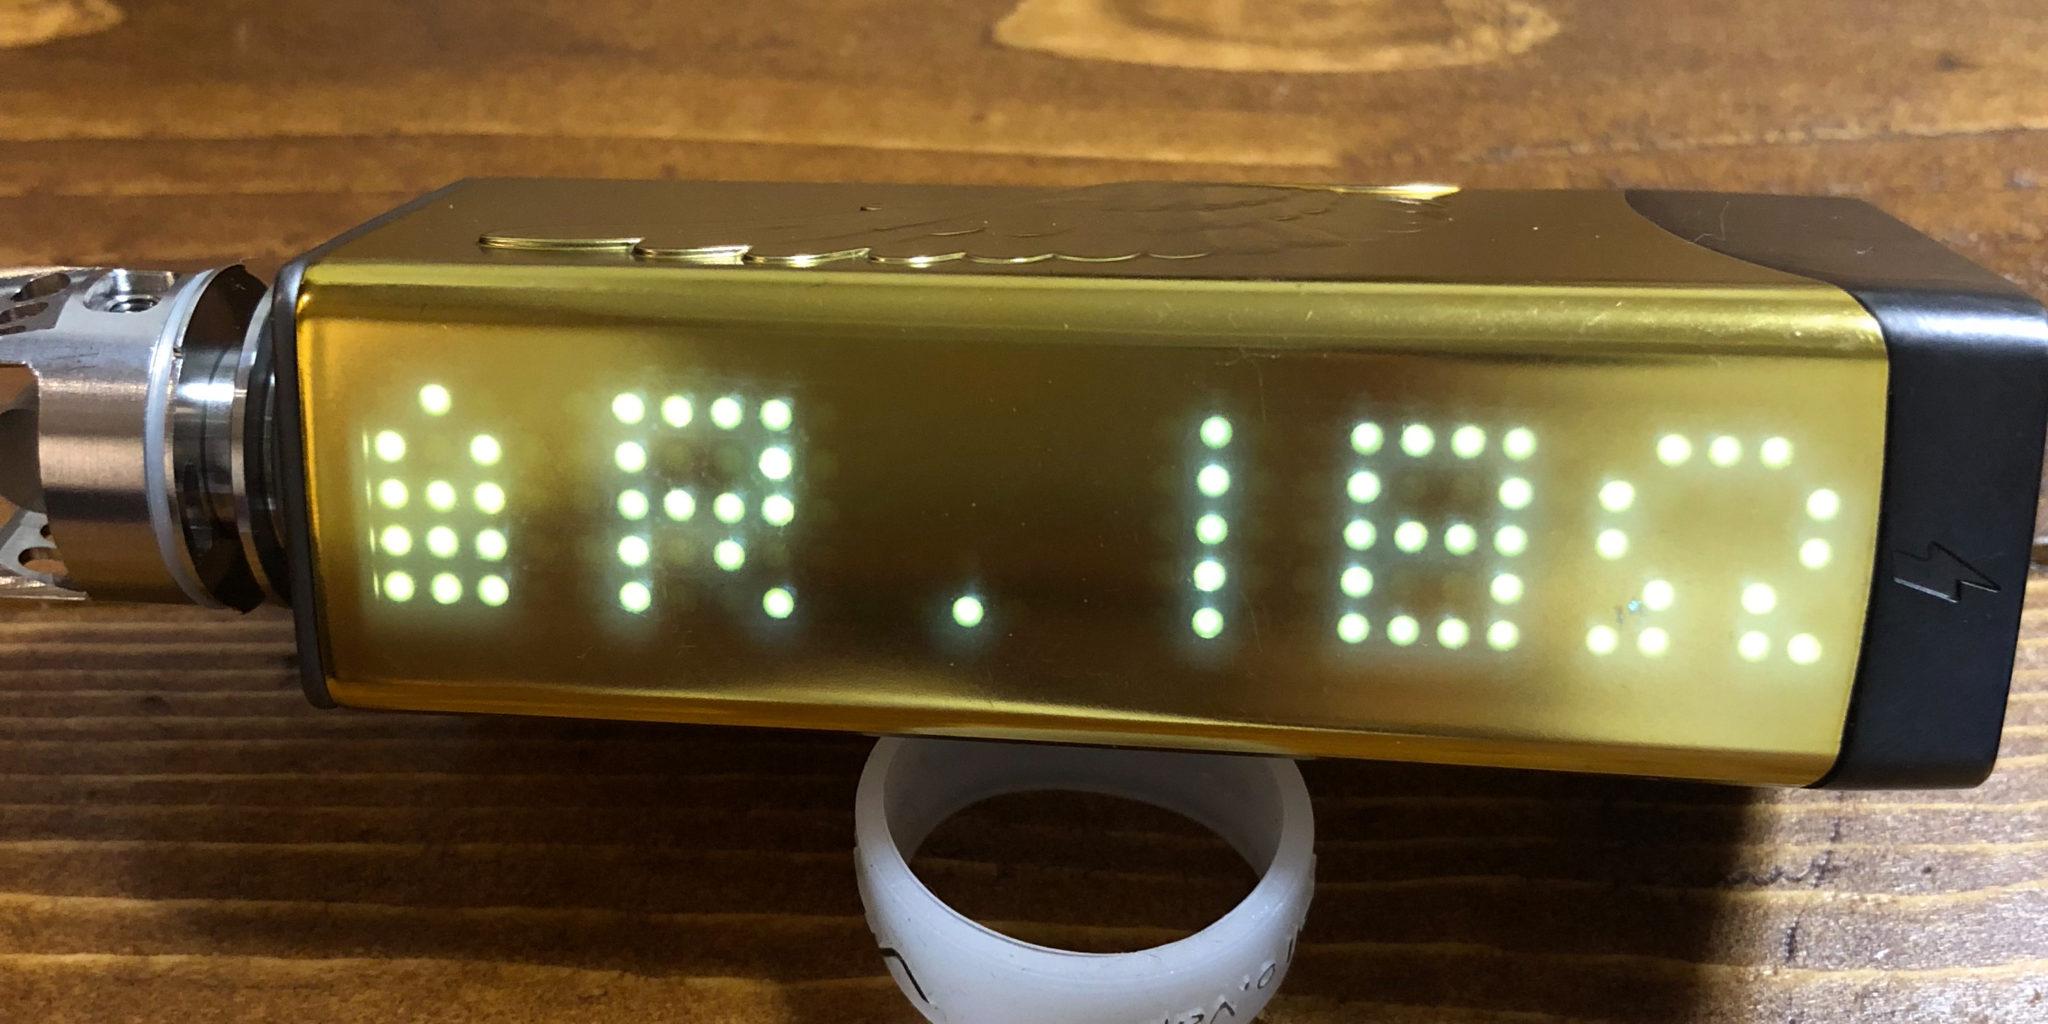 vjp9 - 【レビュー】自巻きメッシュコイルならコレ▶DIGIFLAVOR「THEMIS RTA Mesh Version(テミスRTA)」で混じりけのないフレーバーを!!